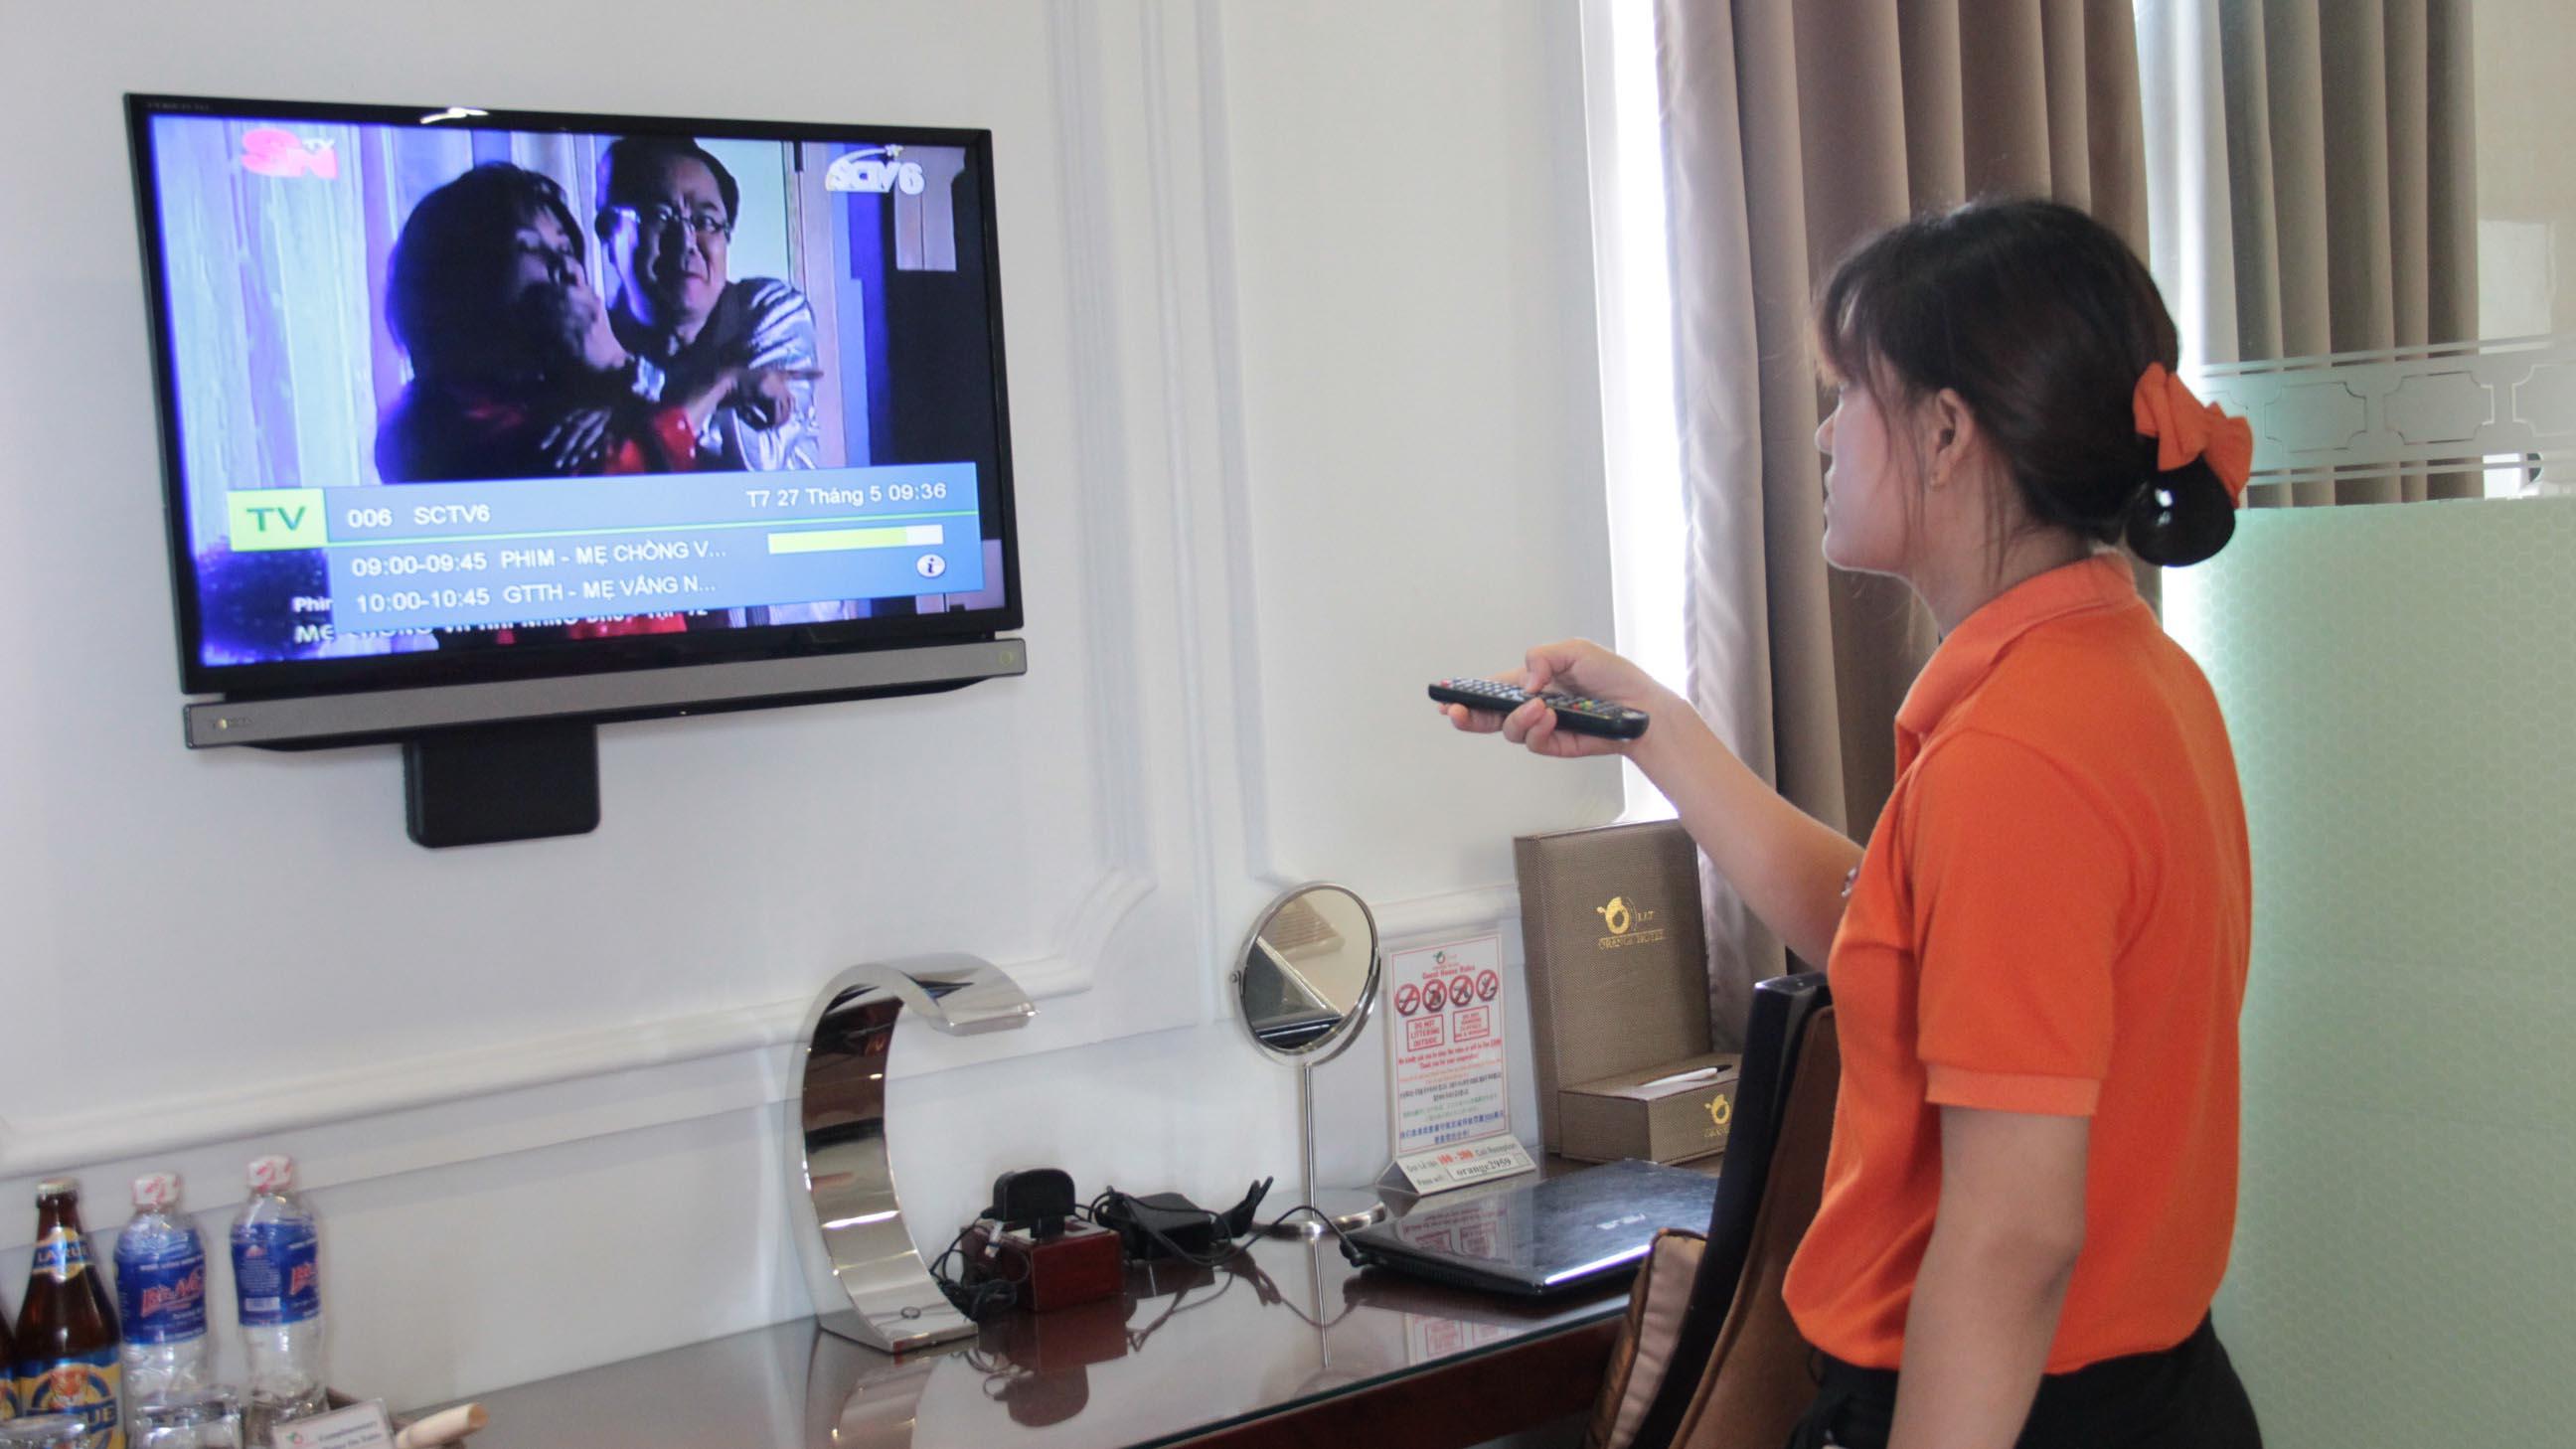 Tác quyền âm nhạc tivi trong khách sạn sẽ đếm bằng... tay - Ảnh 1.